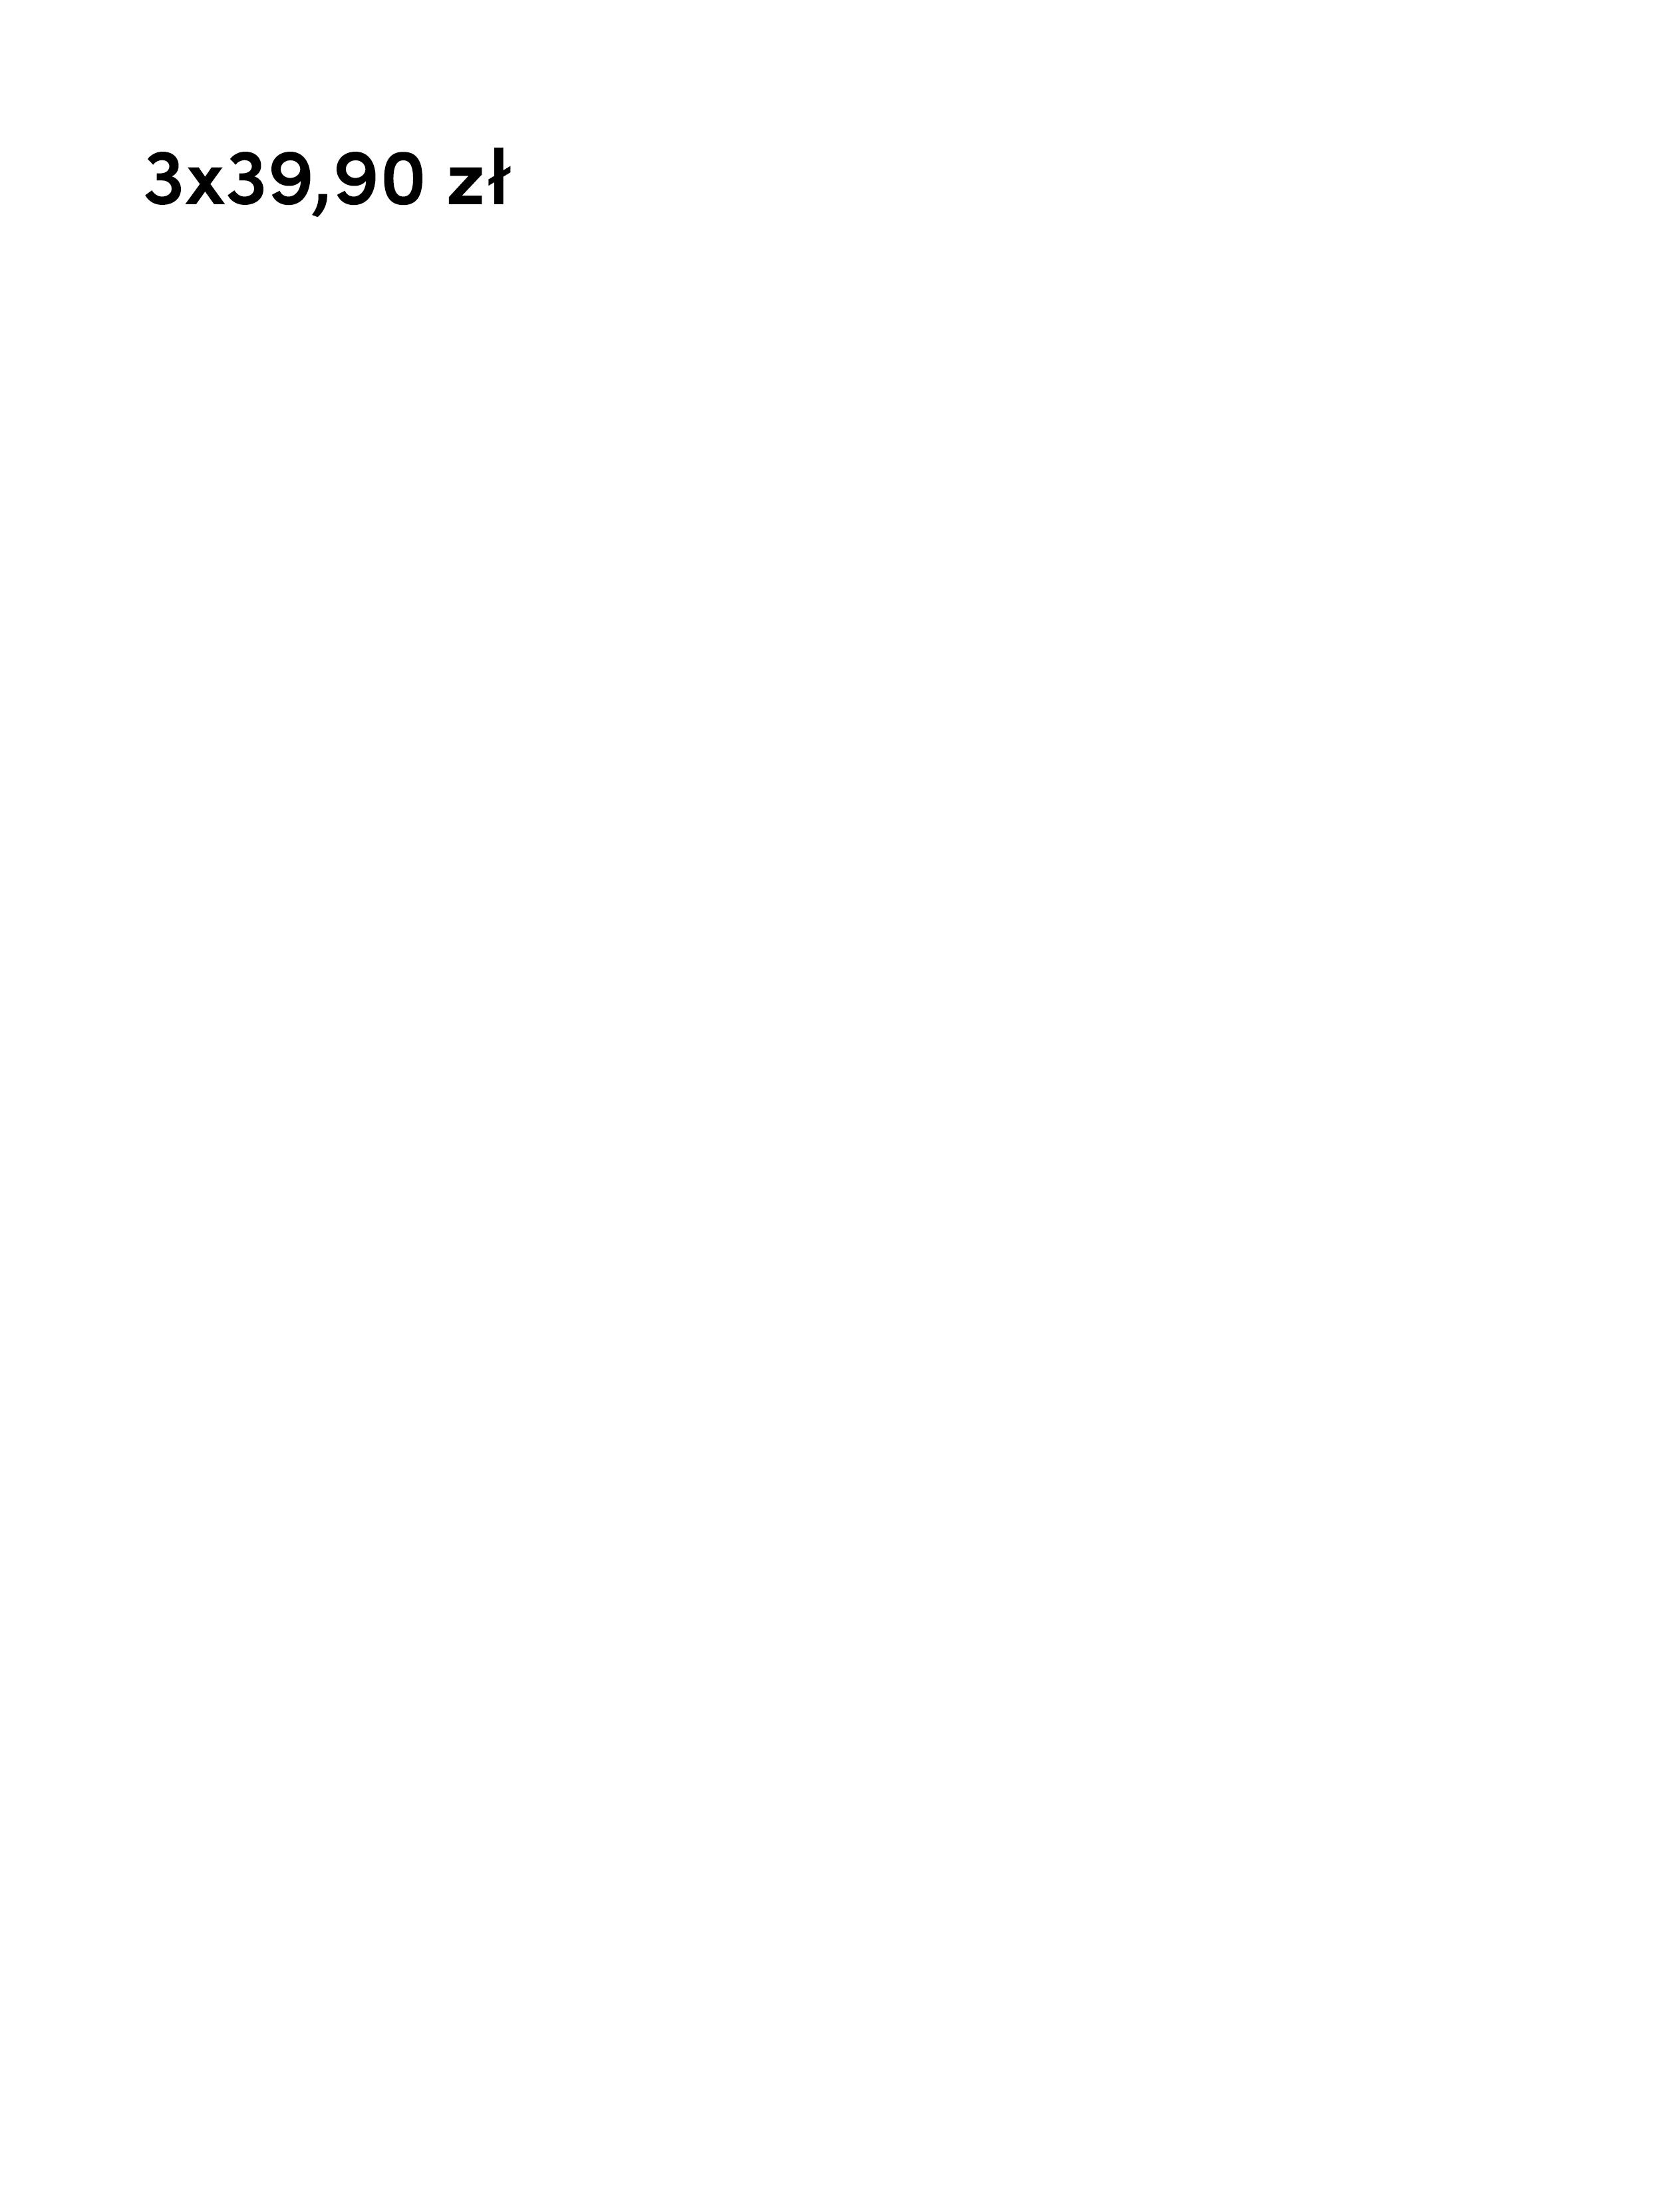 PL_3X39.90